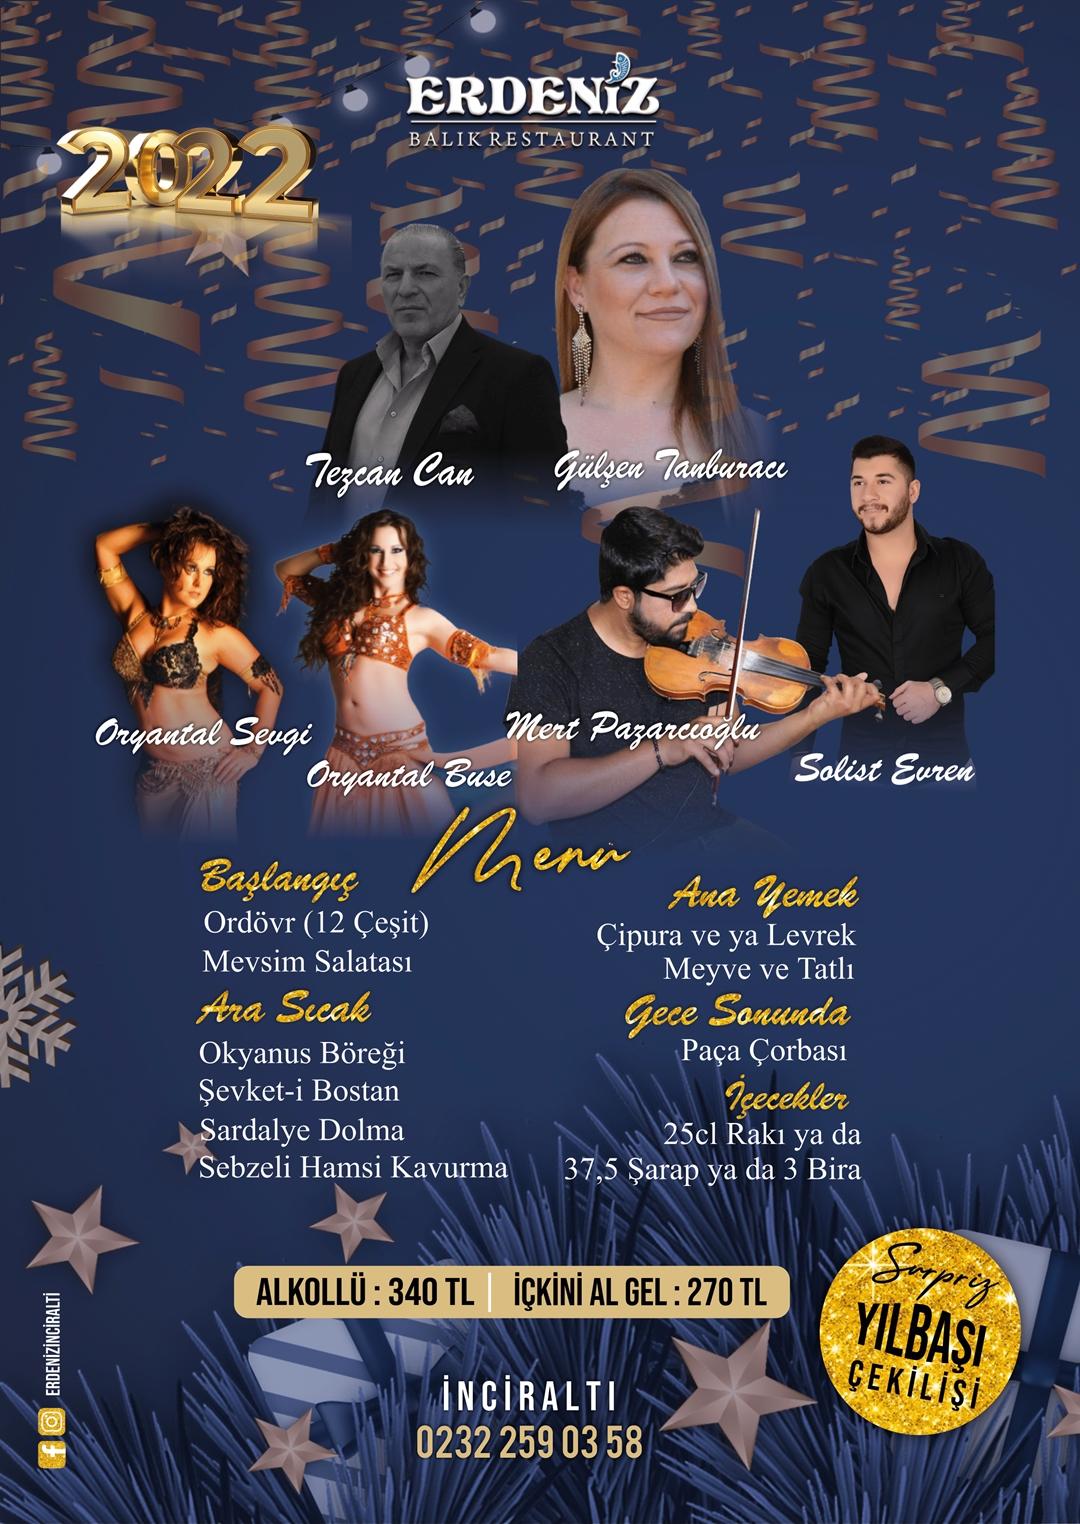 Erdeniz Restaurant İnciraltı Yılbaşı Programı 2020